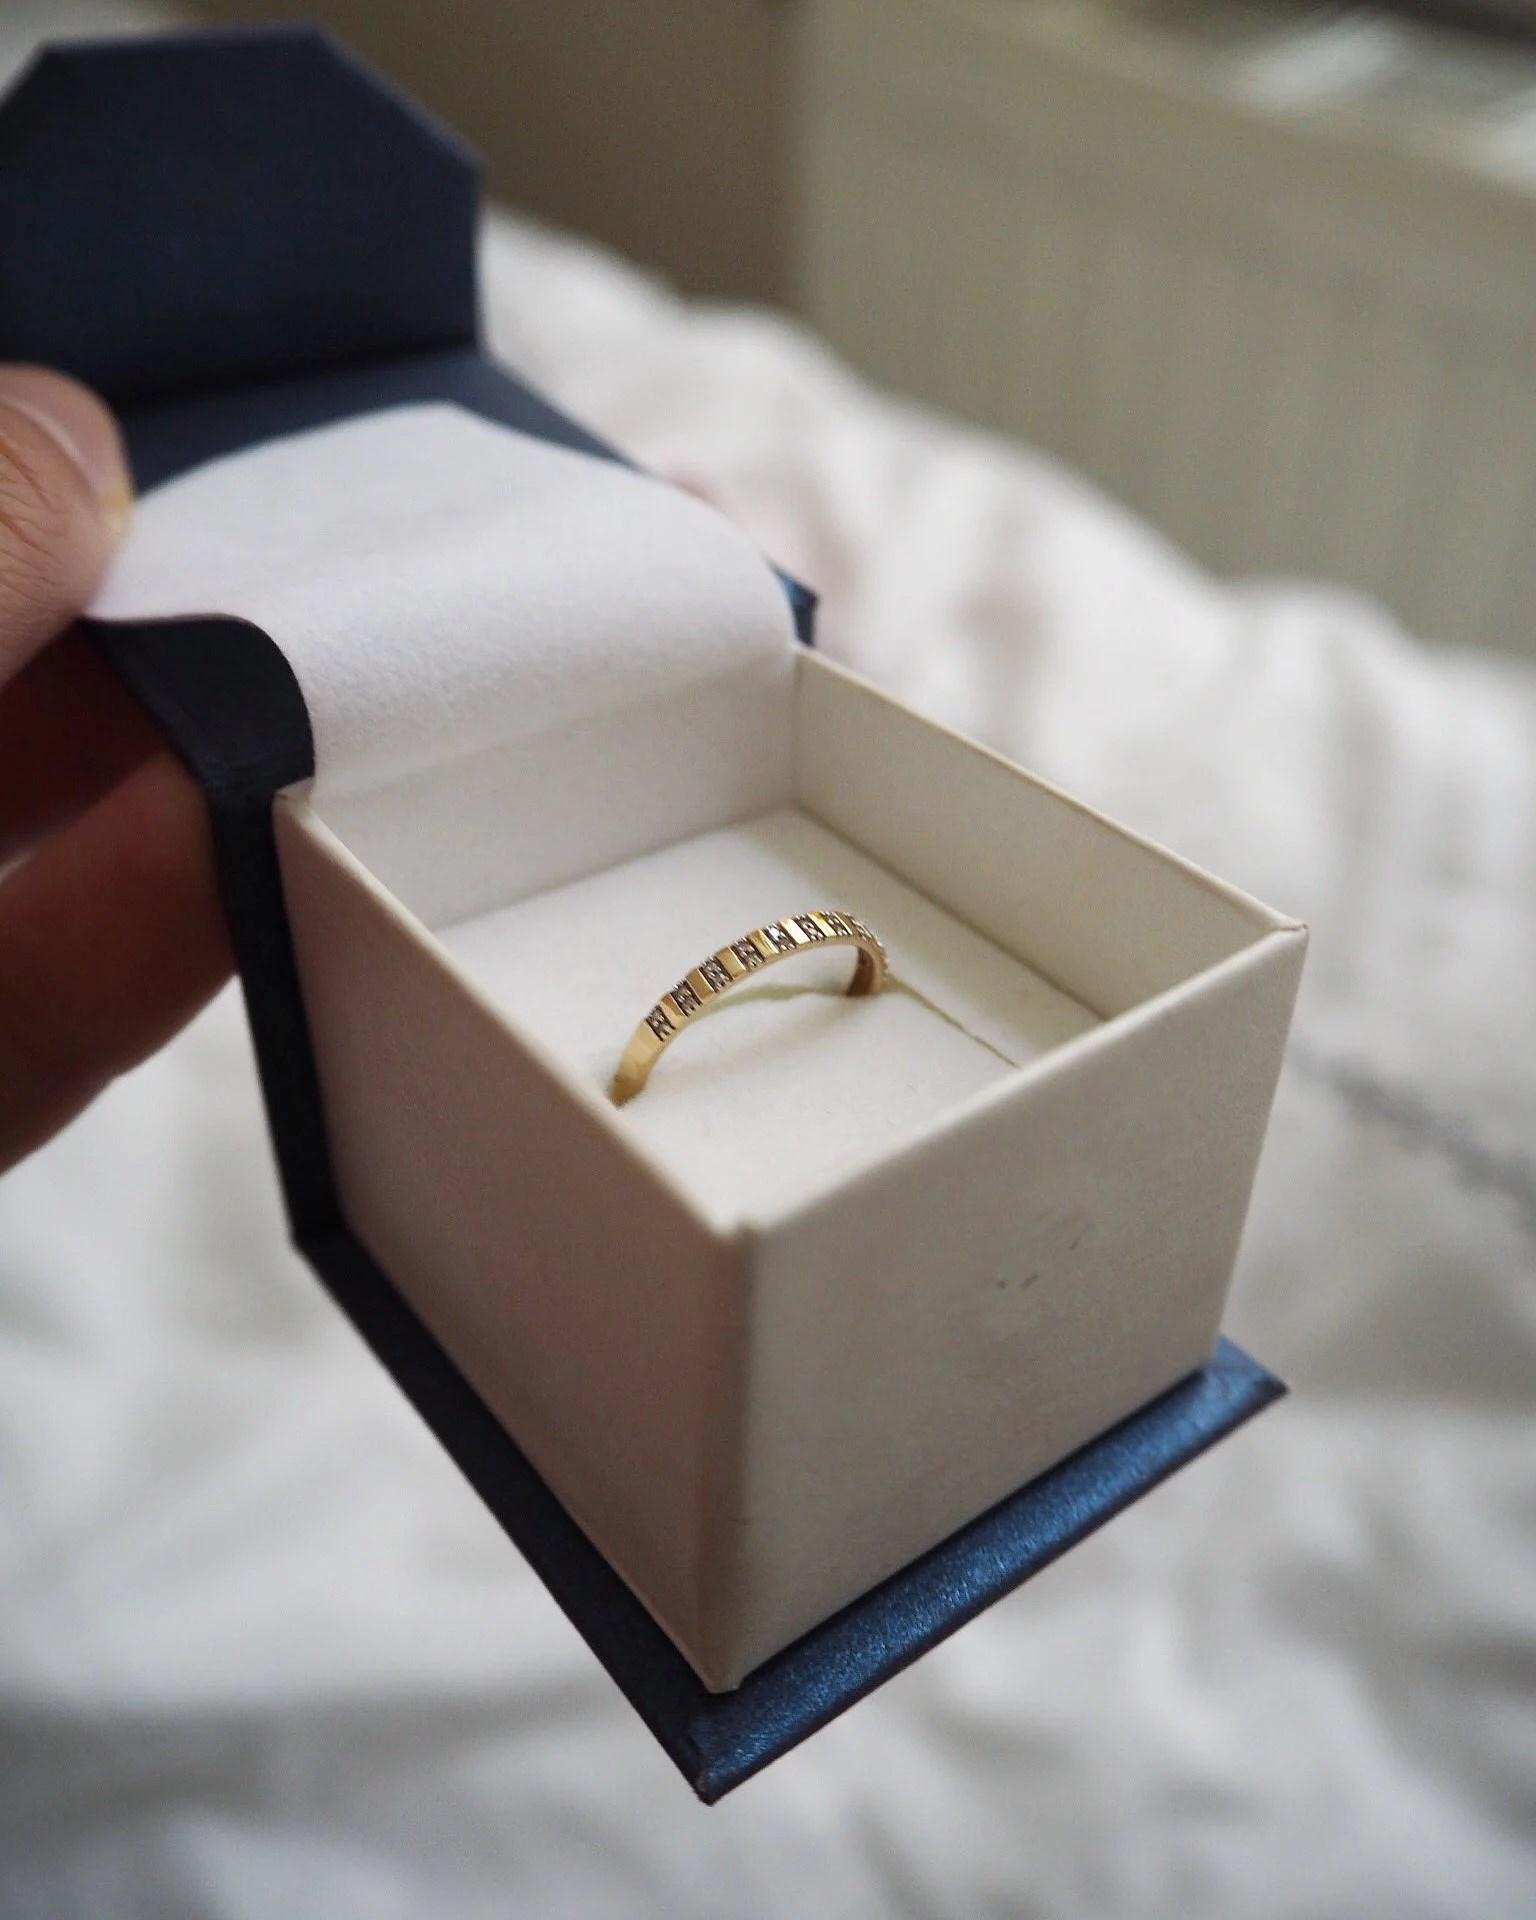 En guldring på posten